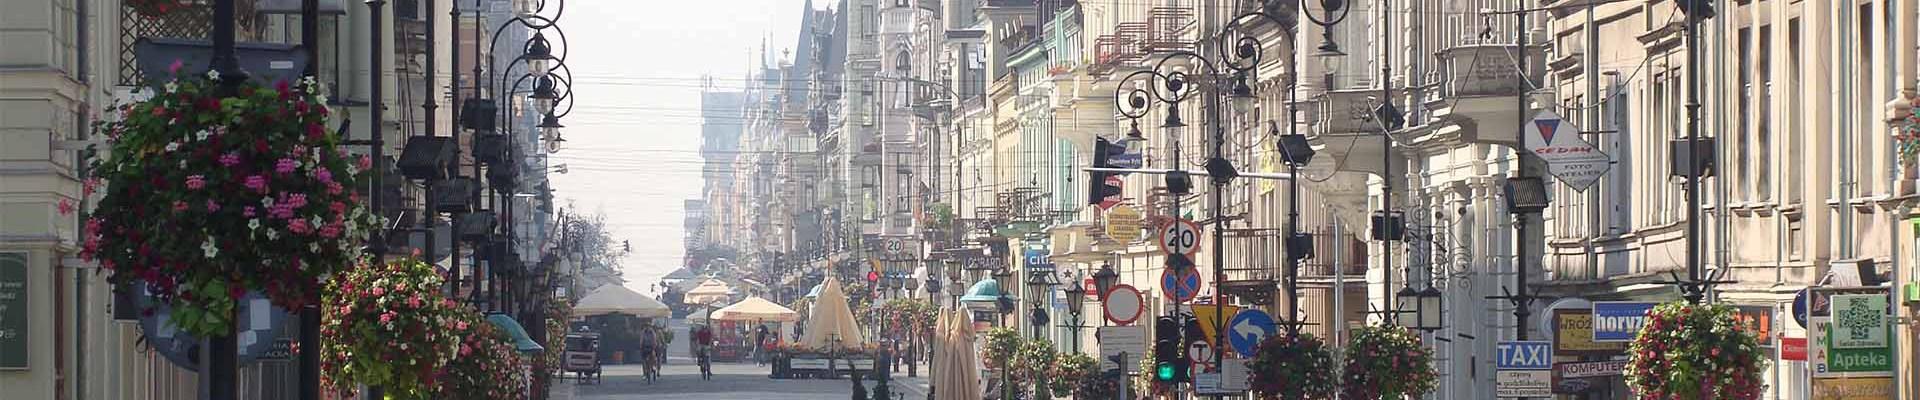 Łódź_panorama_piotrkowska